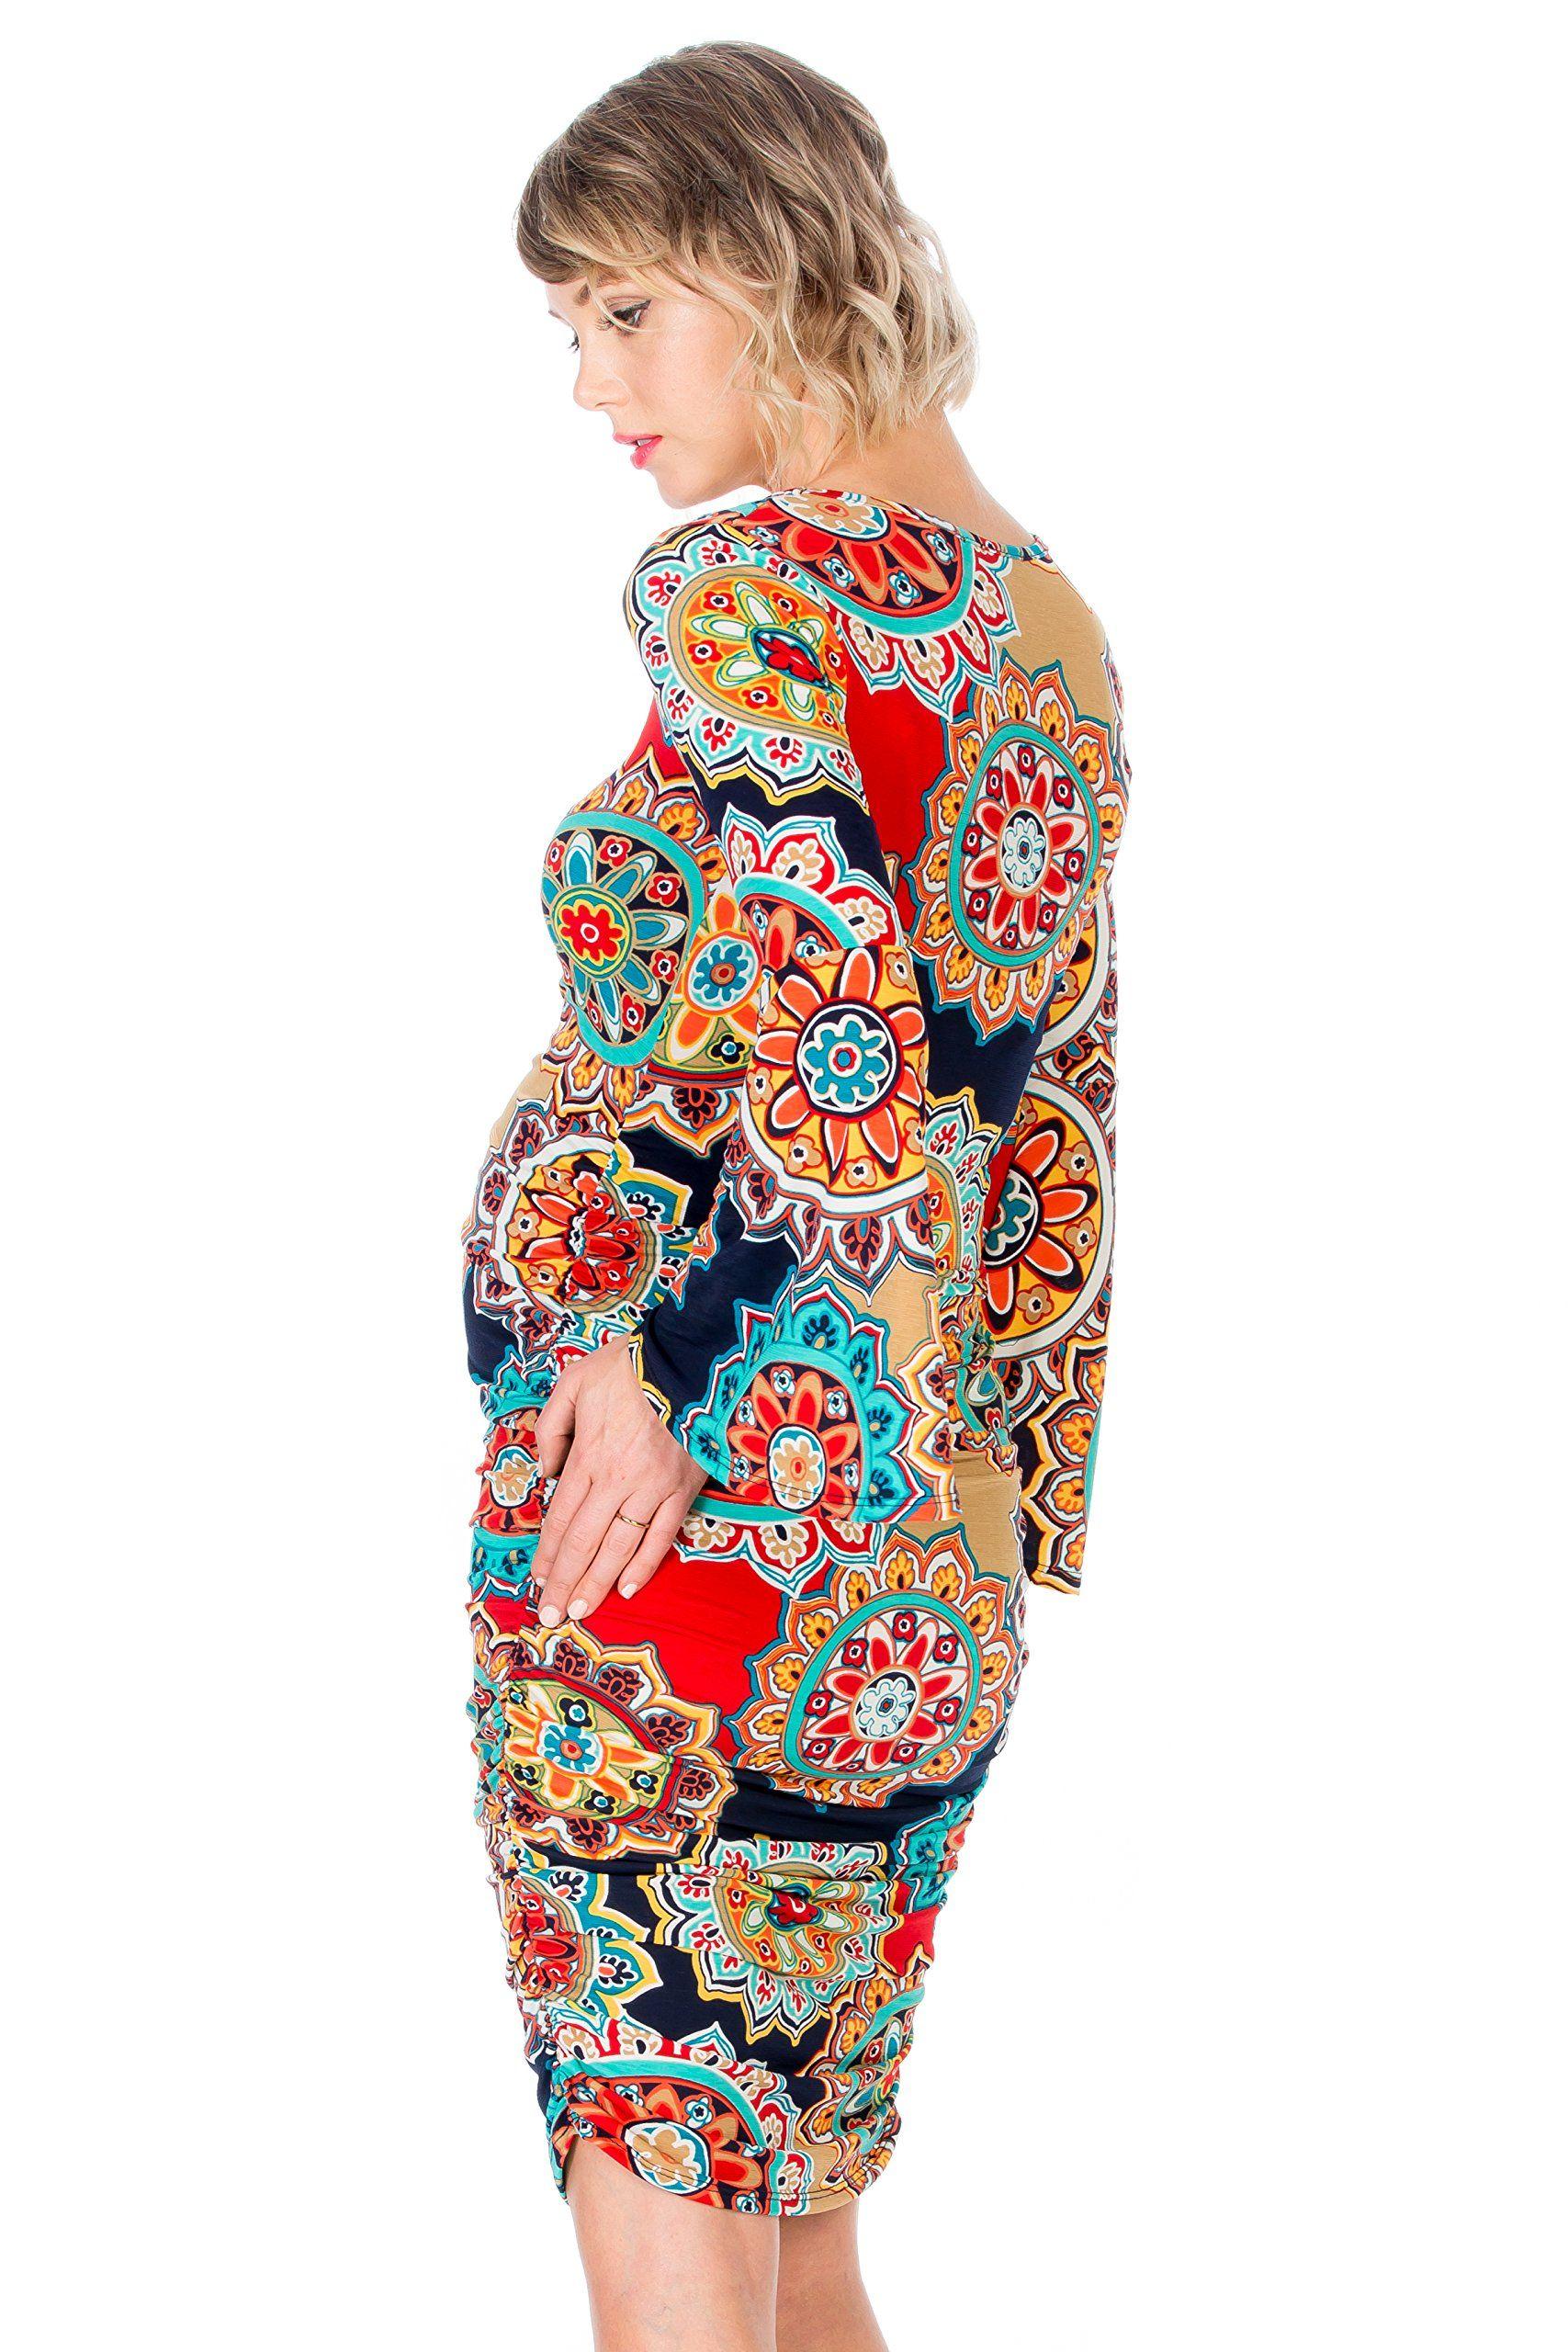 Maternity fashion smart maternity maxi dress my bump womens